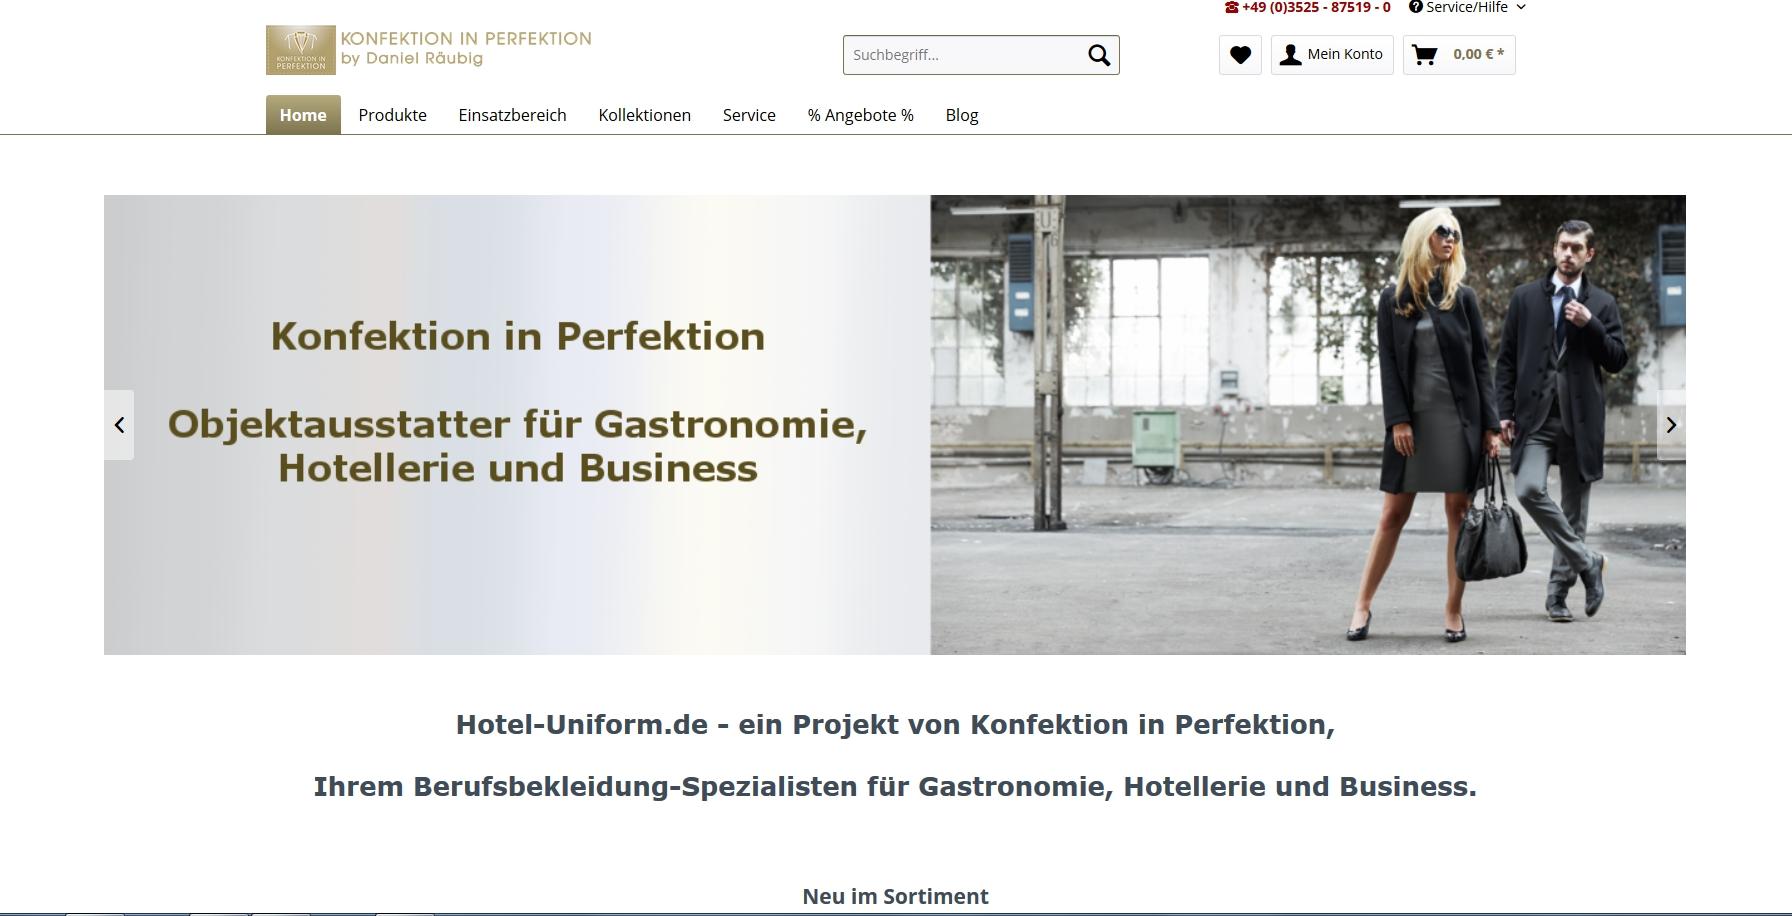 Konfektion in Perfektion D.Räubig